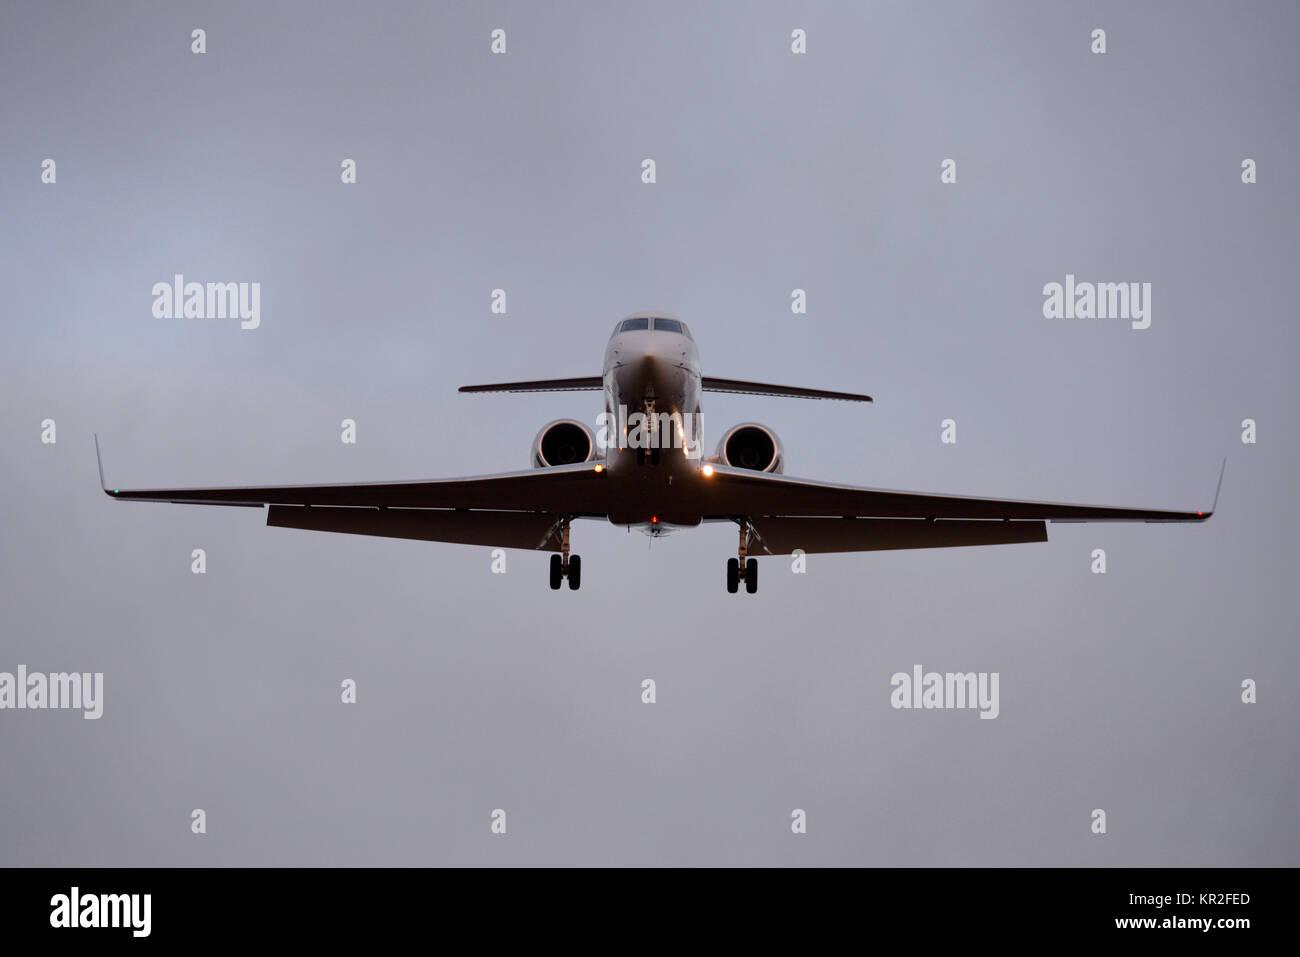 Gulfstream V GV aereo jet atterraggio all'Aeroporto Stansted di Londra al tramonto. Spazio per la copia Immagini Stock